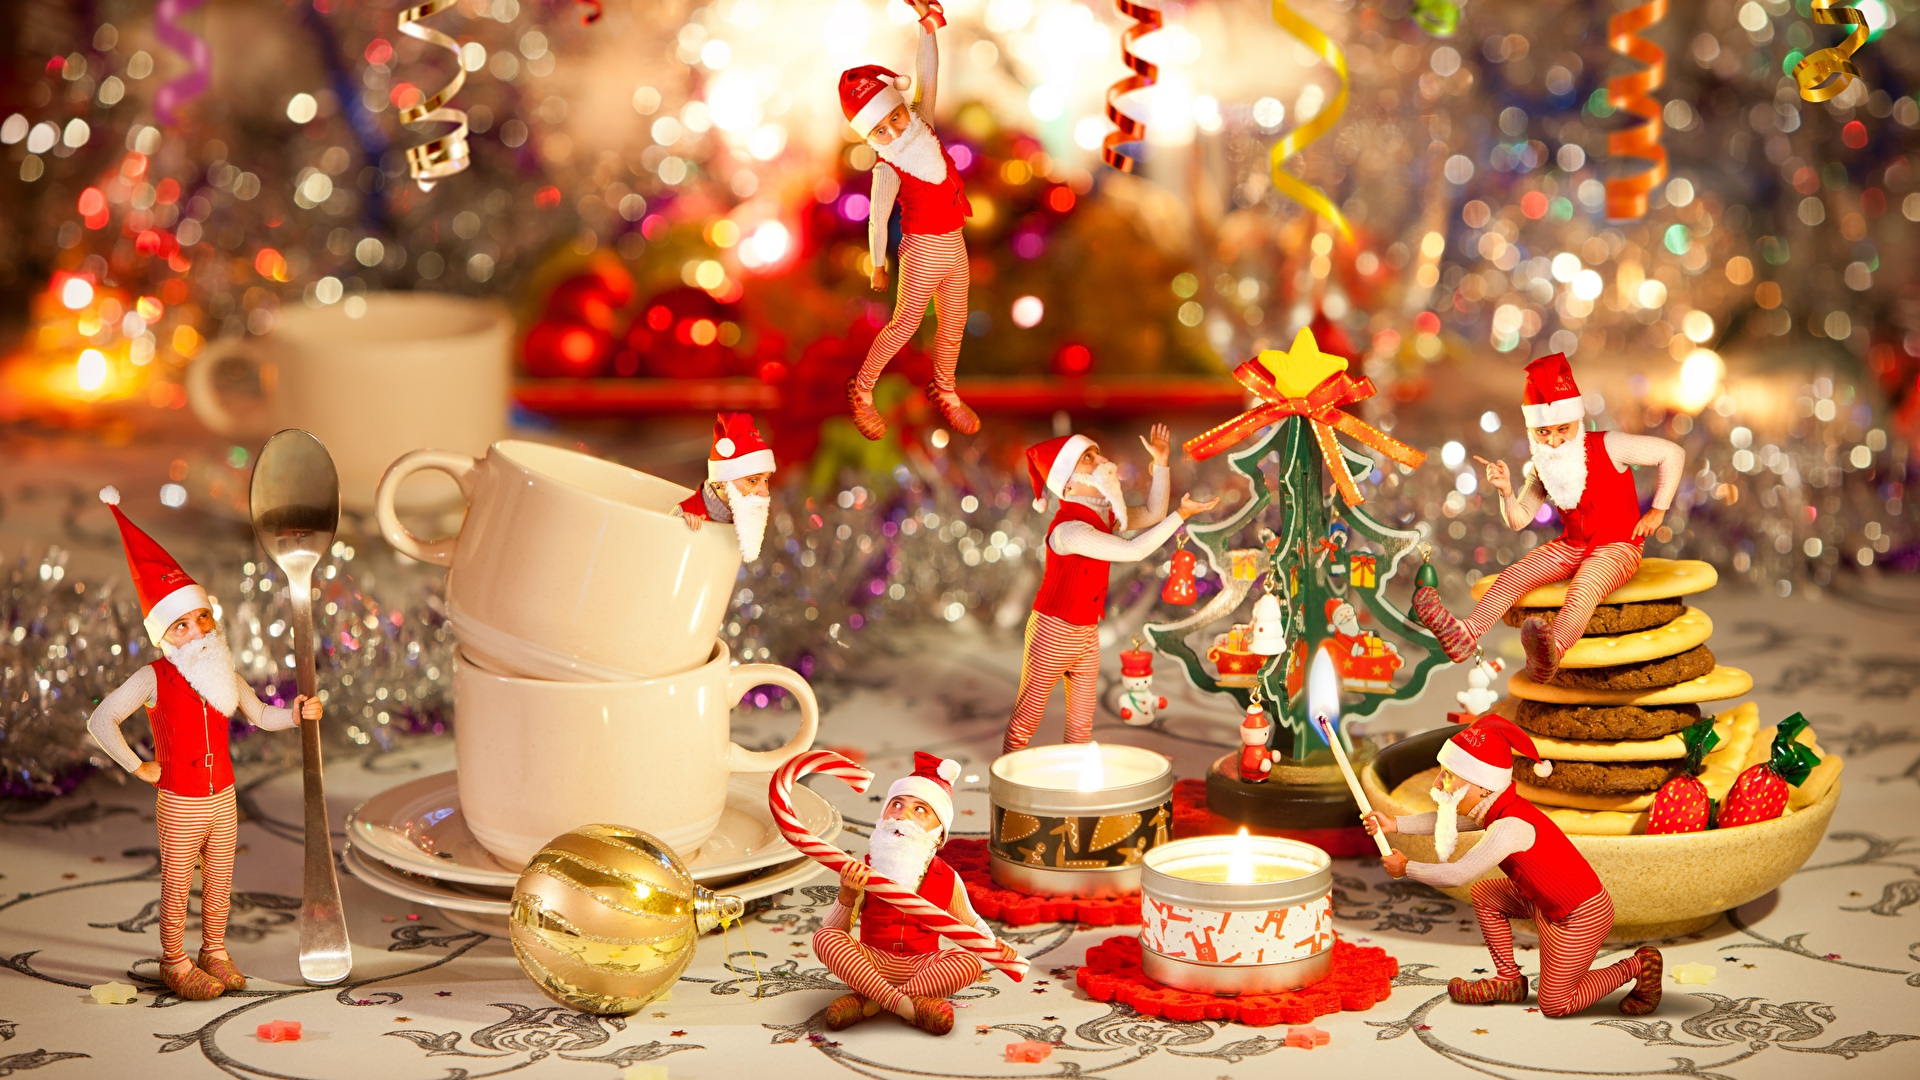 Fotos Neujahr Mütze Weihnachtsmann Flamme Tasse sitzt Kerzen Feiertage 1920x1080 Feuer sitzen Sitzend